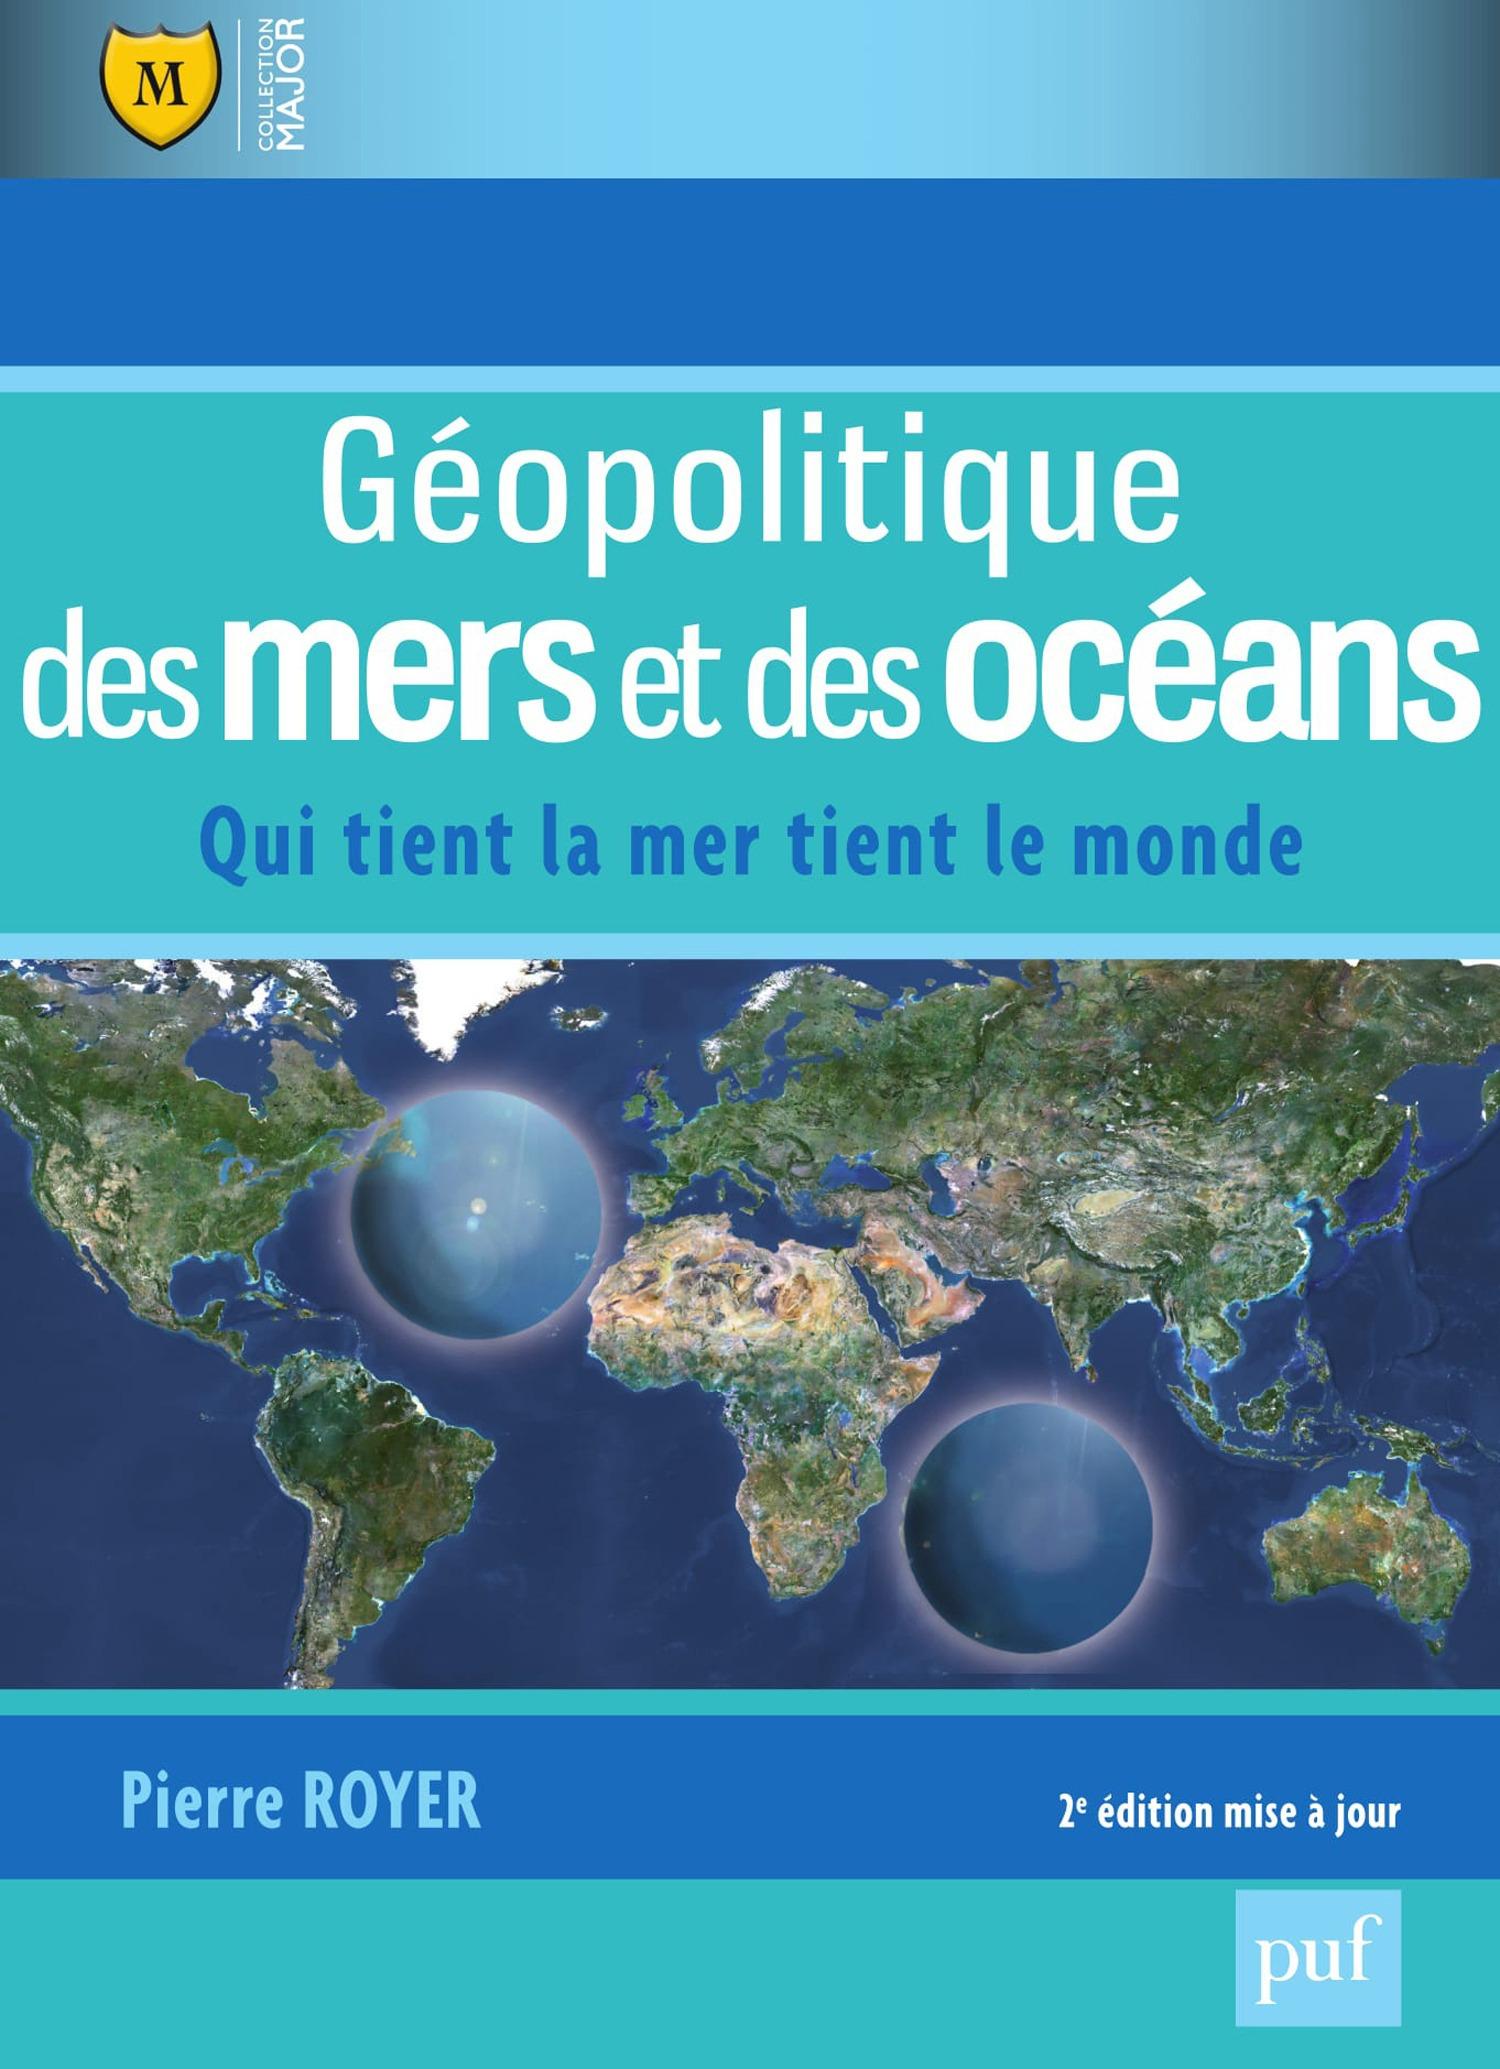 Géopolitique des mers et des océans